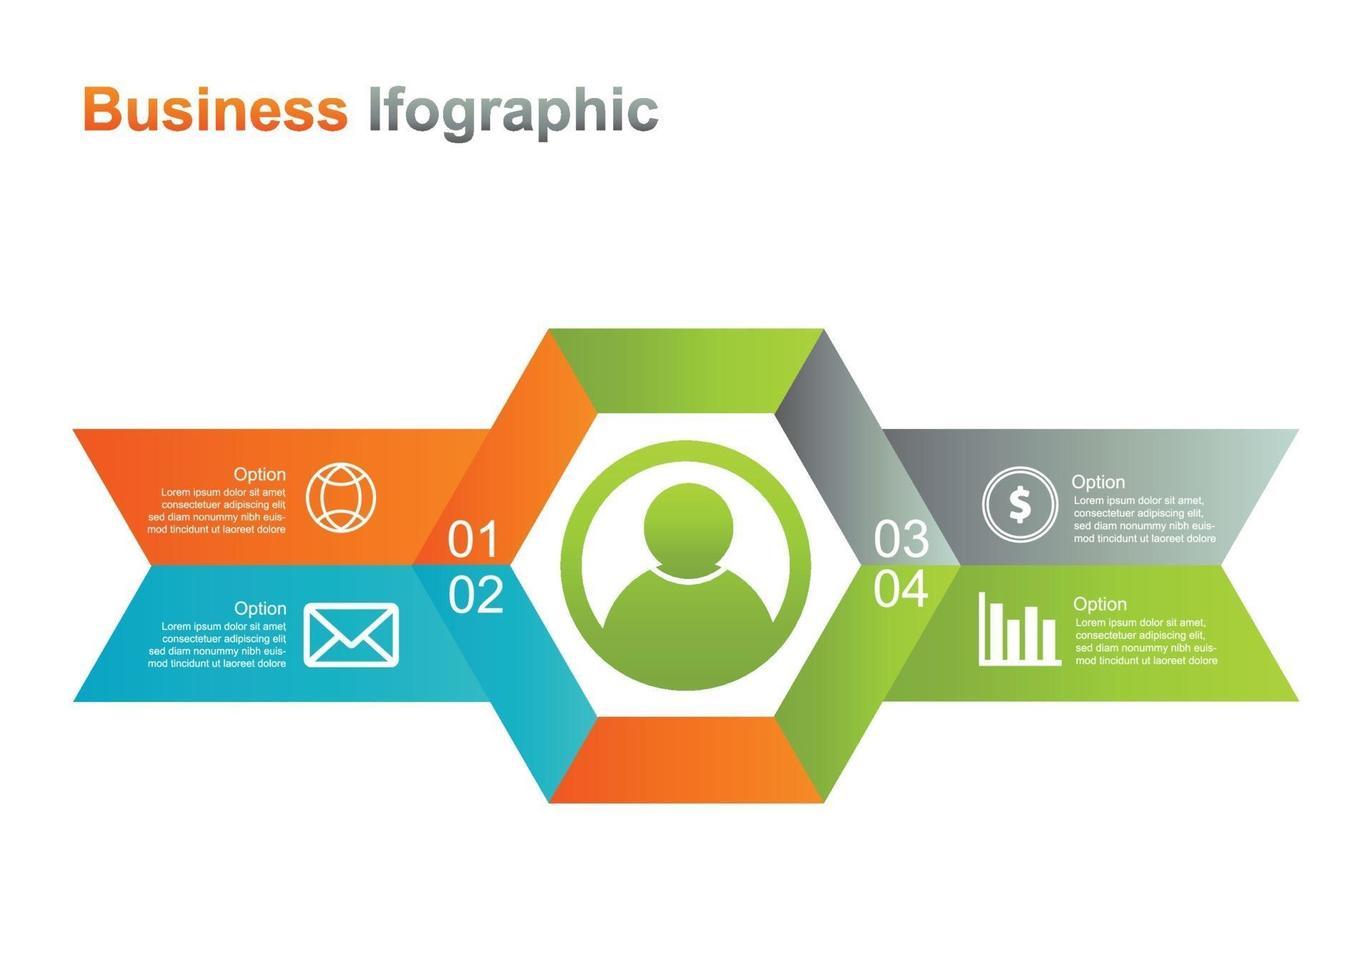 modelo de design infograpic de negócios. Ilustração em vetor infográfico 4 opções. perfeito para marketing, promoção, elemento de design de apresentação